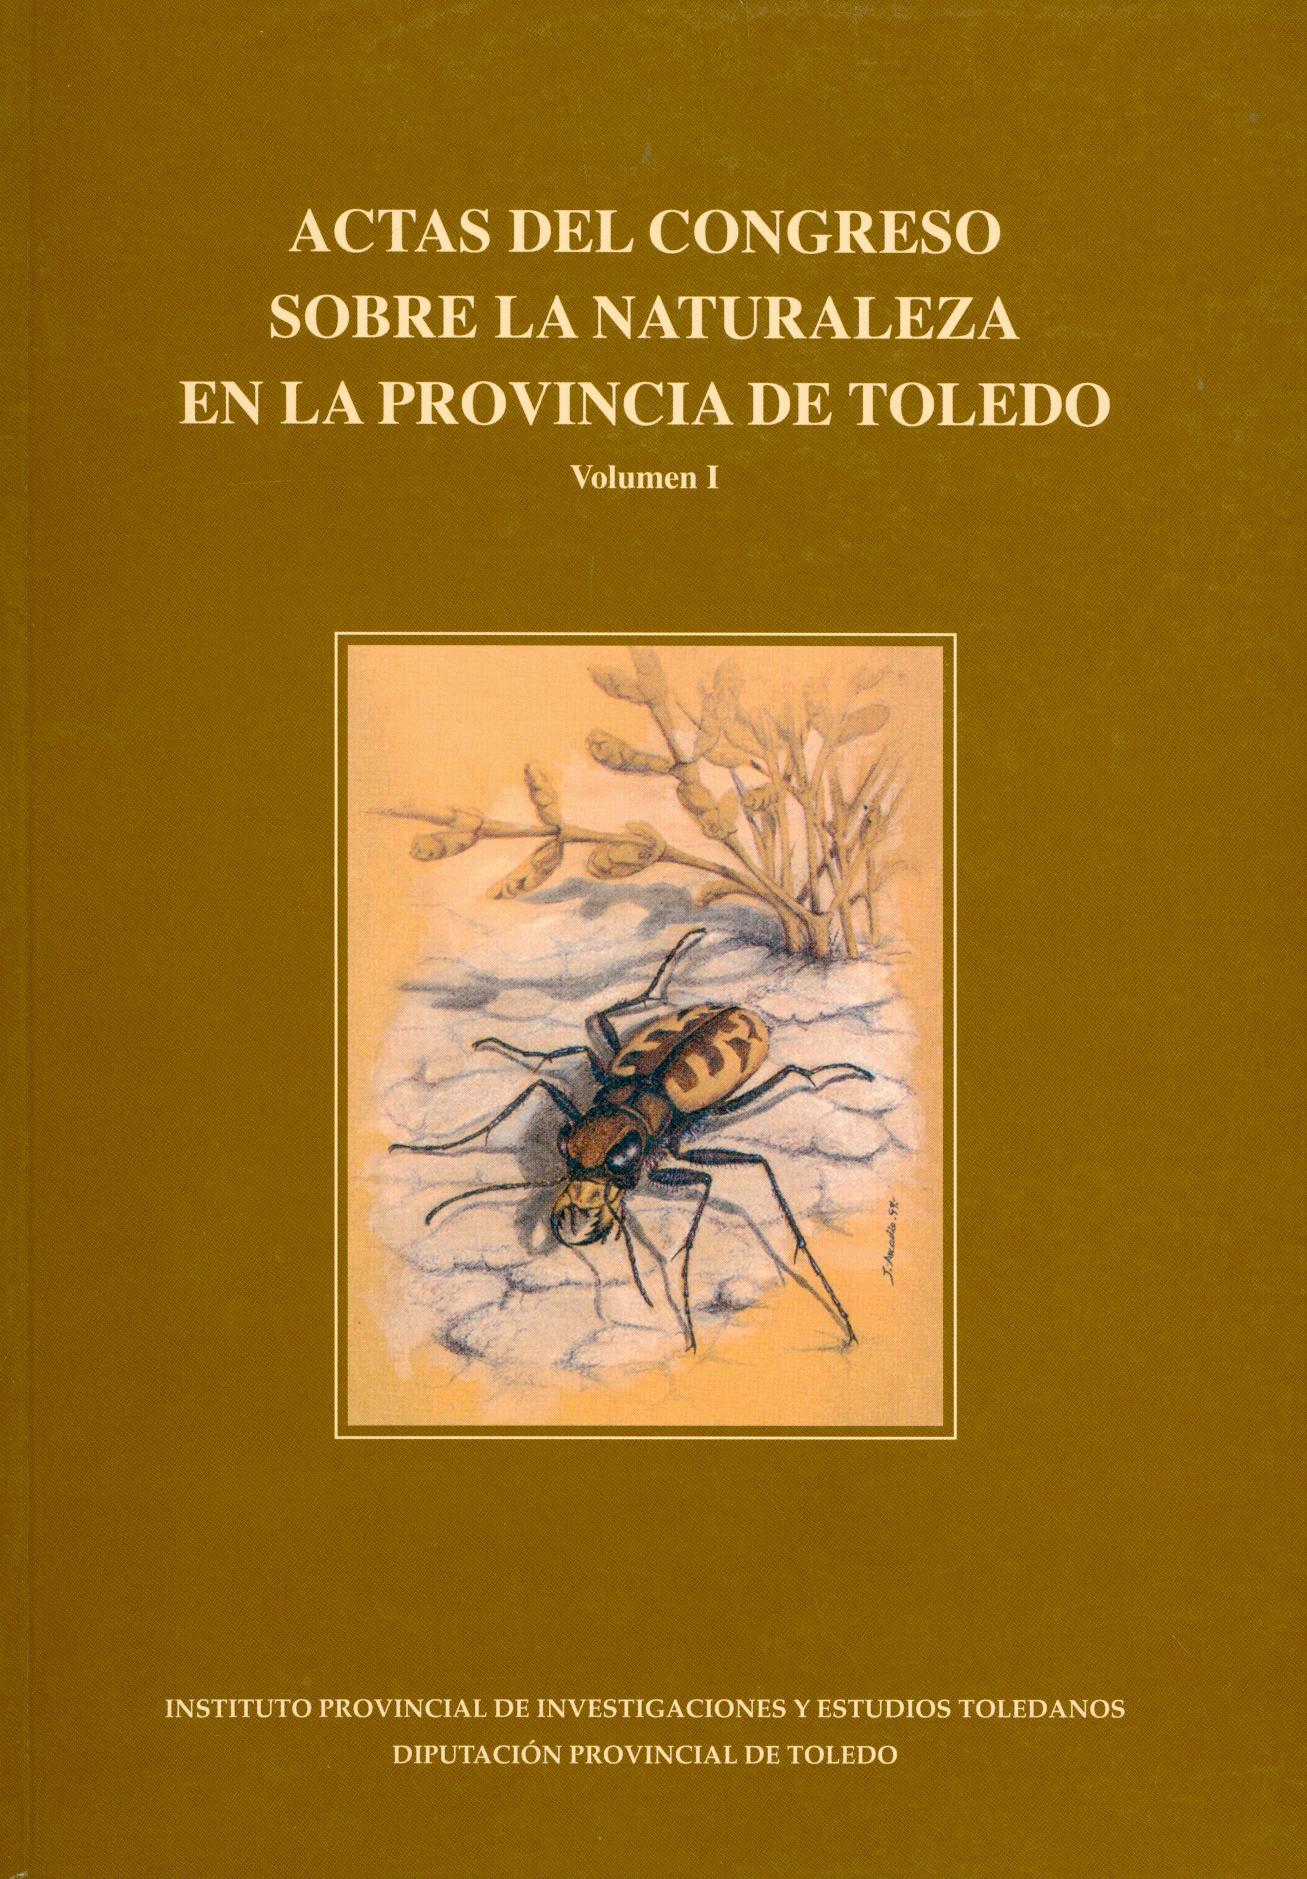 Actas del Congreso sobre la naturaleza en la provincia de Toledo. Volumen I